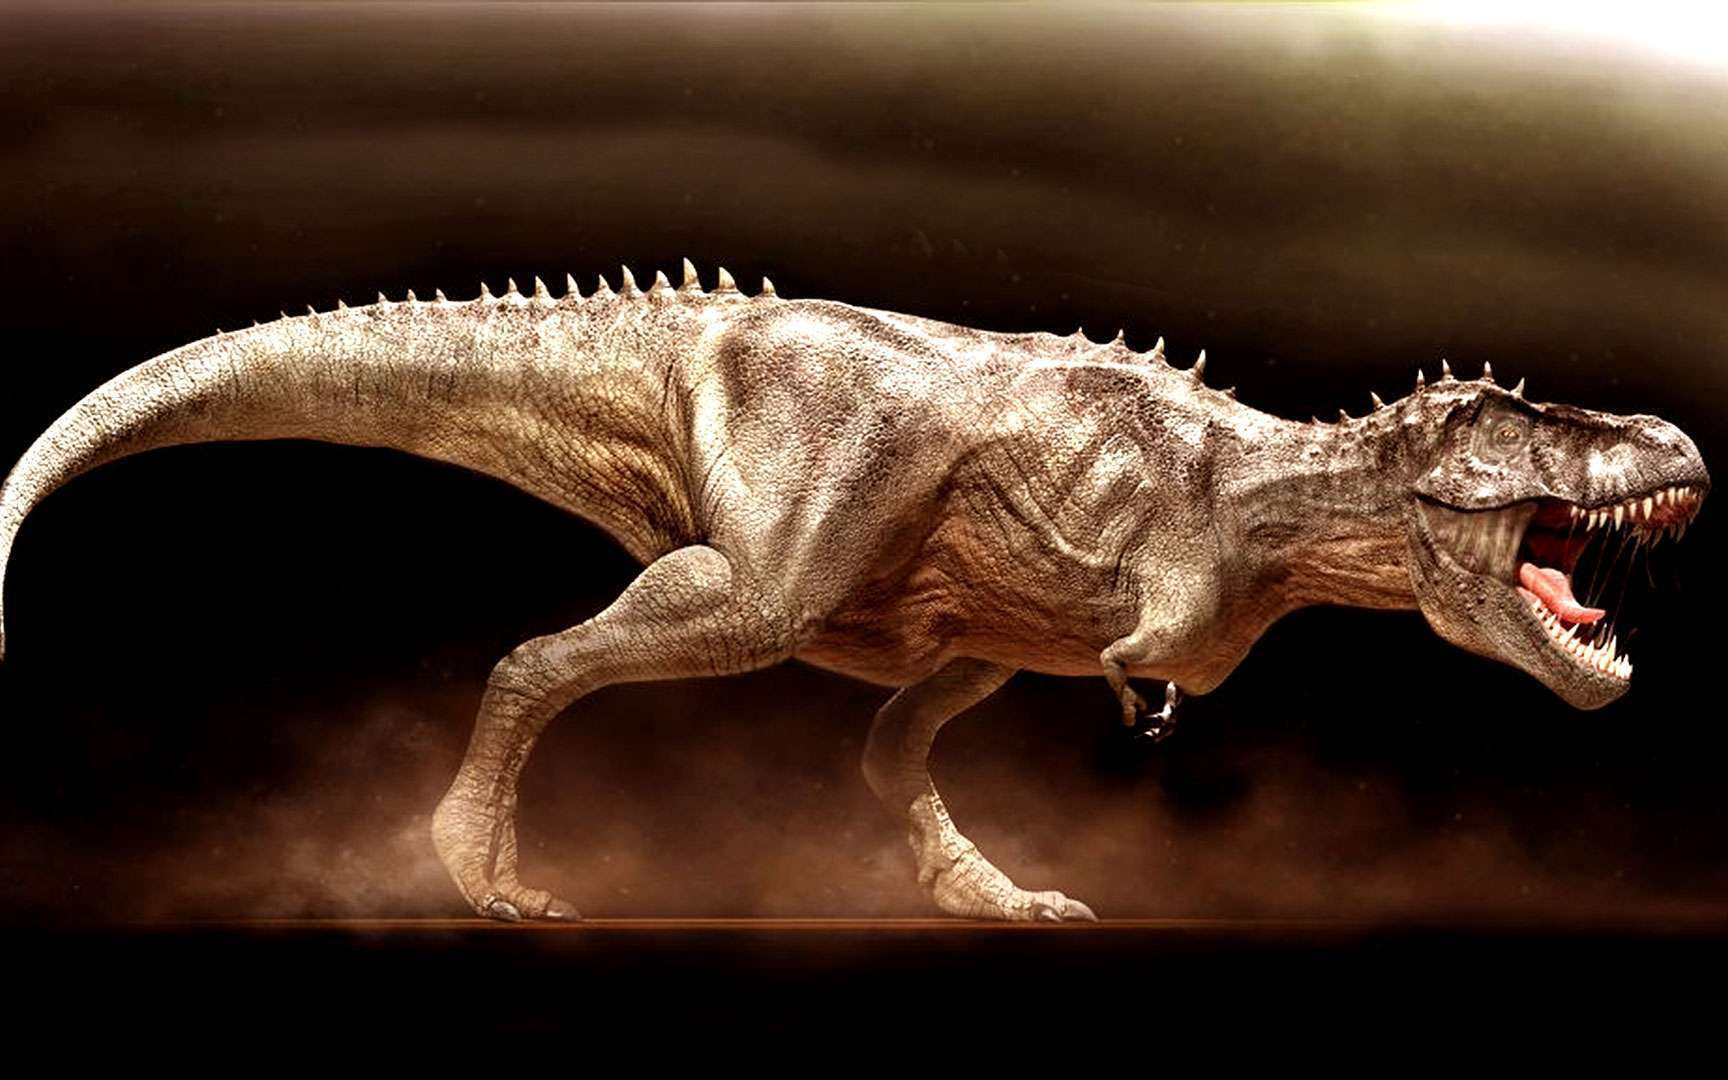 Le T-rex qui, selon la légende, était un prédateur hors pair, était en réalité plutôt lent. Il ne courrait qu'à 30 km/heure. Pas mal pour un animal de 6 tonnes mais pas non plus spectaculaire pour un soi-disant « roi de la vie animale ». Osborn, l'auteur de ces mots, et Brown s'étaient en fait empressés de faire du « paléo-show » pour vernir leur réputation. À la décharge de l'animal, il pouvait tout de même arracher jusqu'à 35 kilos de viande fraîche en un coup de mâchoire ! © Courtesy of Vlad Konstantinov